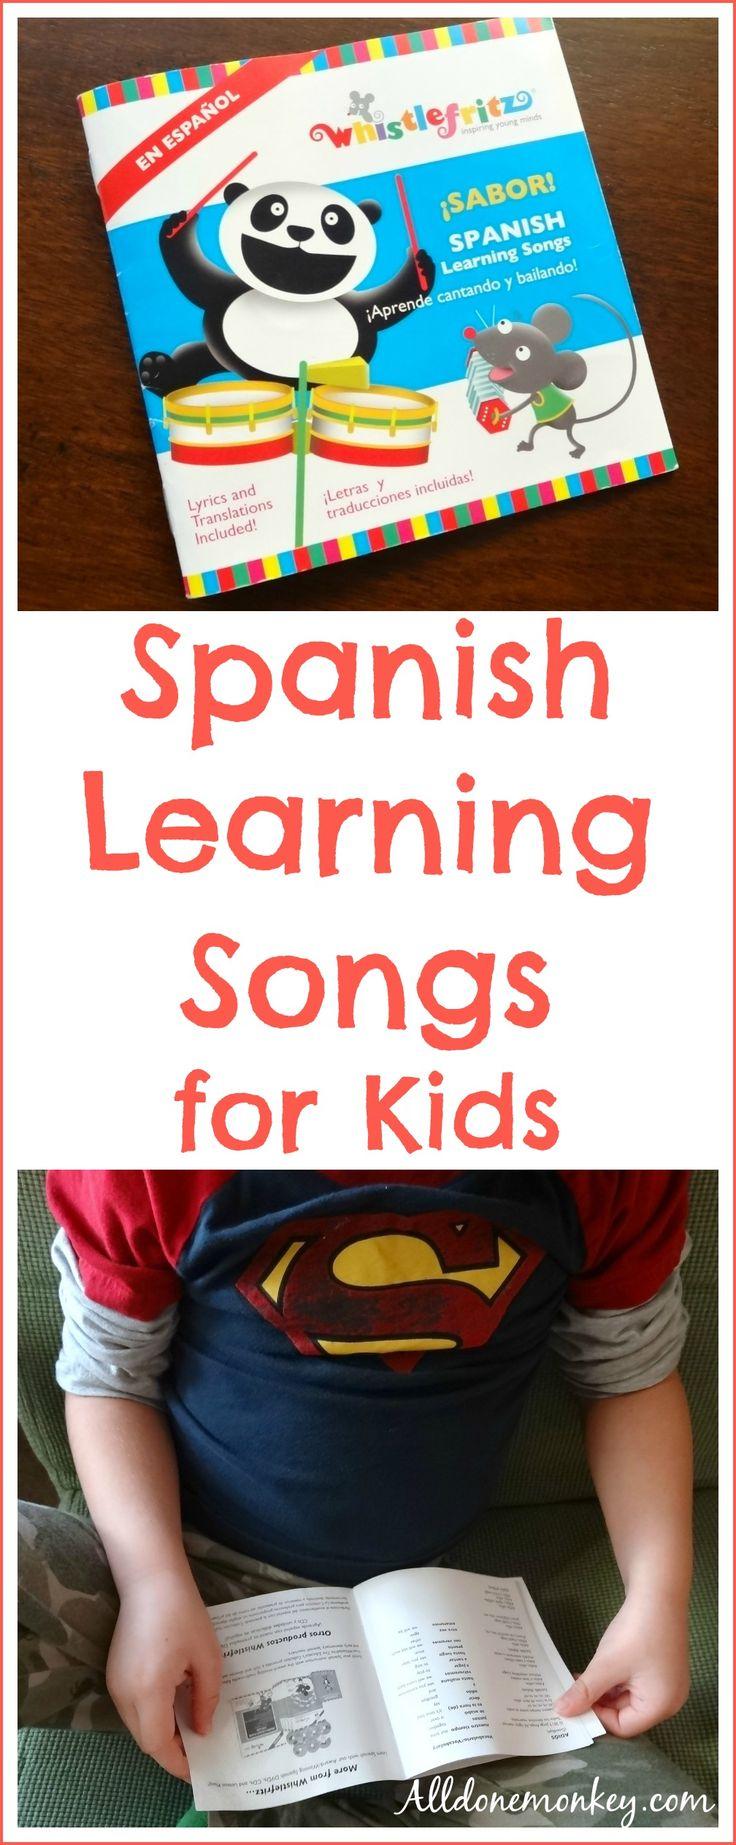 Spanish Learning Songs for Kids: Whistlefritz CD Review | Alldonemonkey.com @alldonemonkey